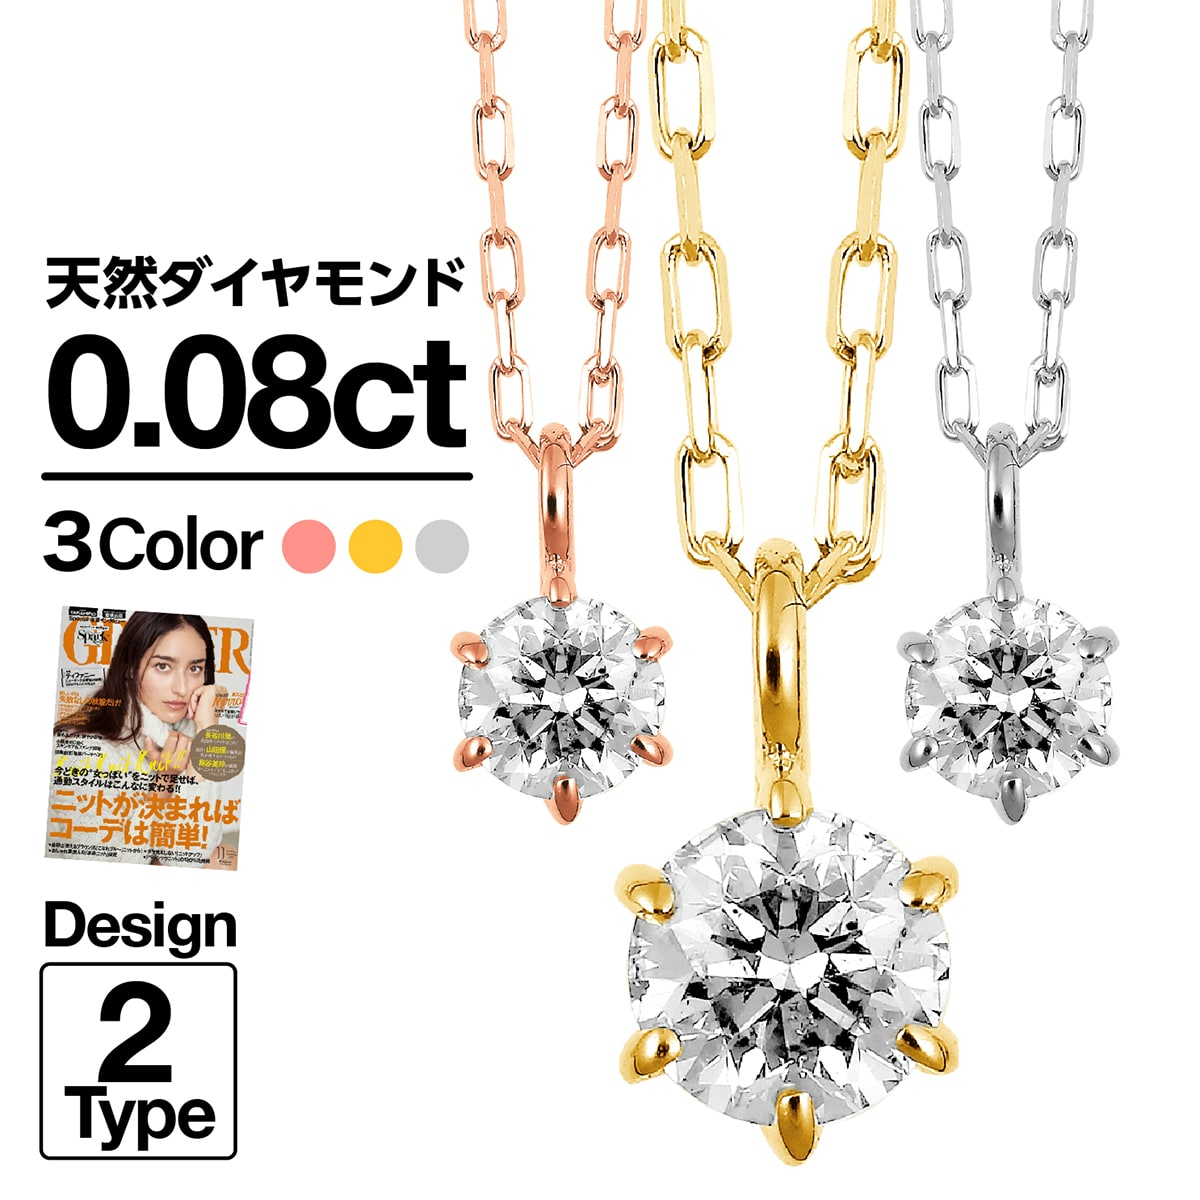 ダイヤモンド ネックレス k18 一粒 イエローゴールド/ホワイトゴールド/ピンクゴールド 品質保証書 金属アレルギー 日本製 誕生日 ギフト